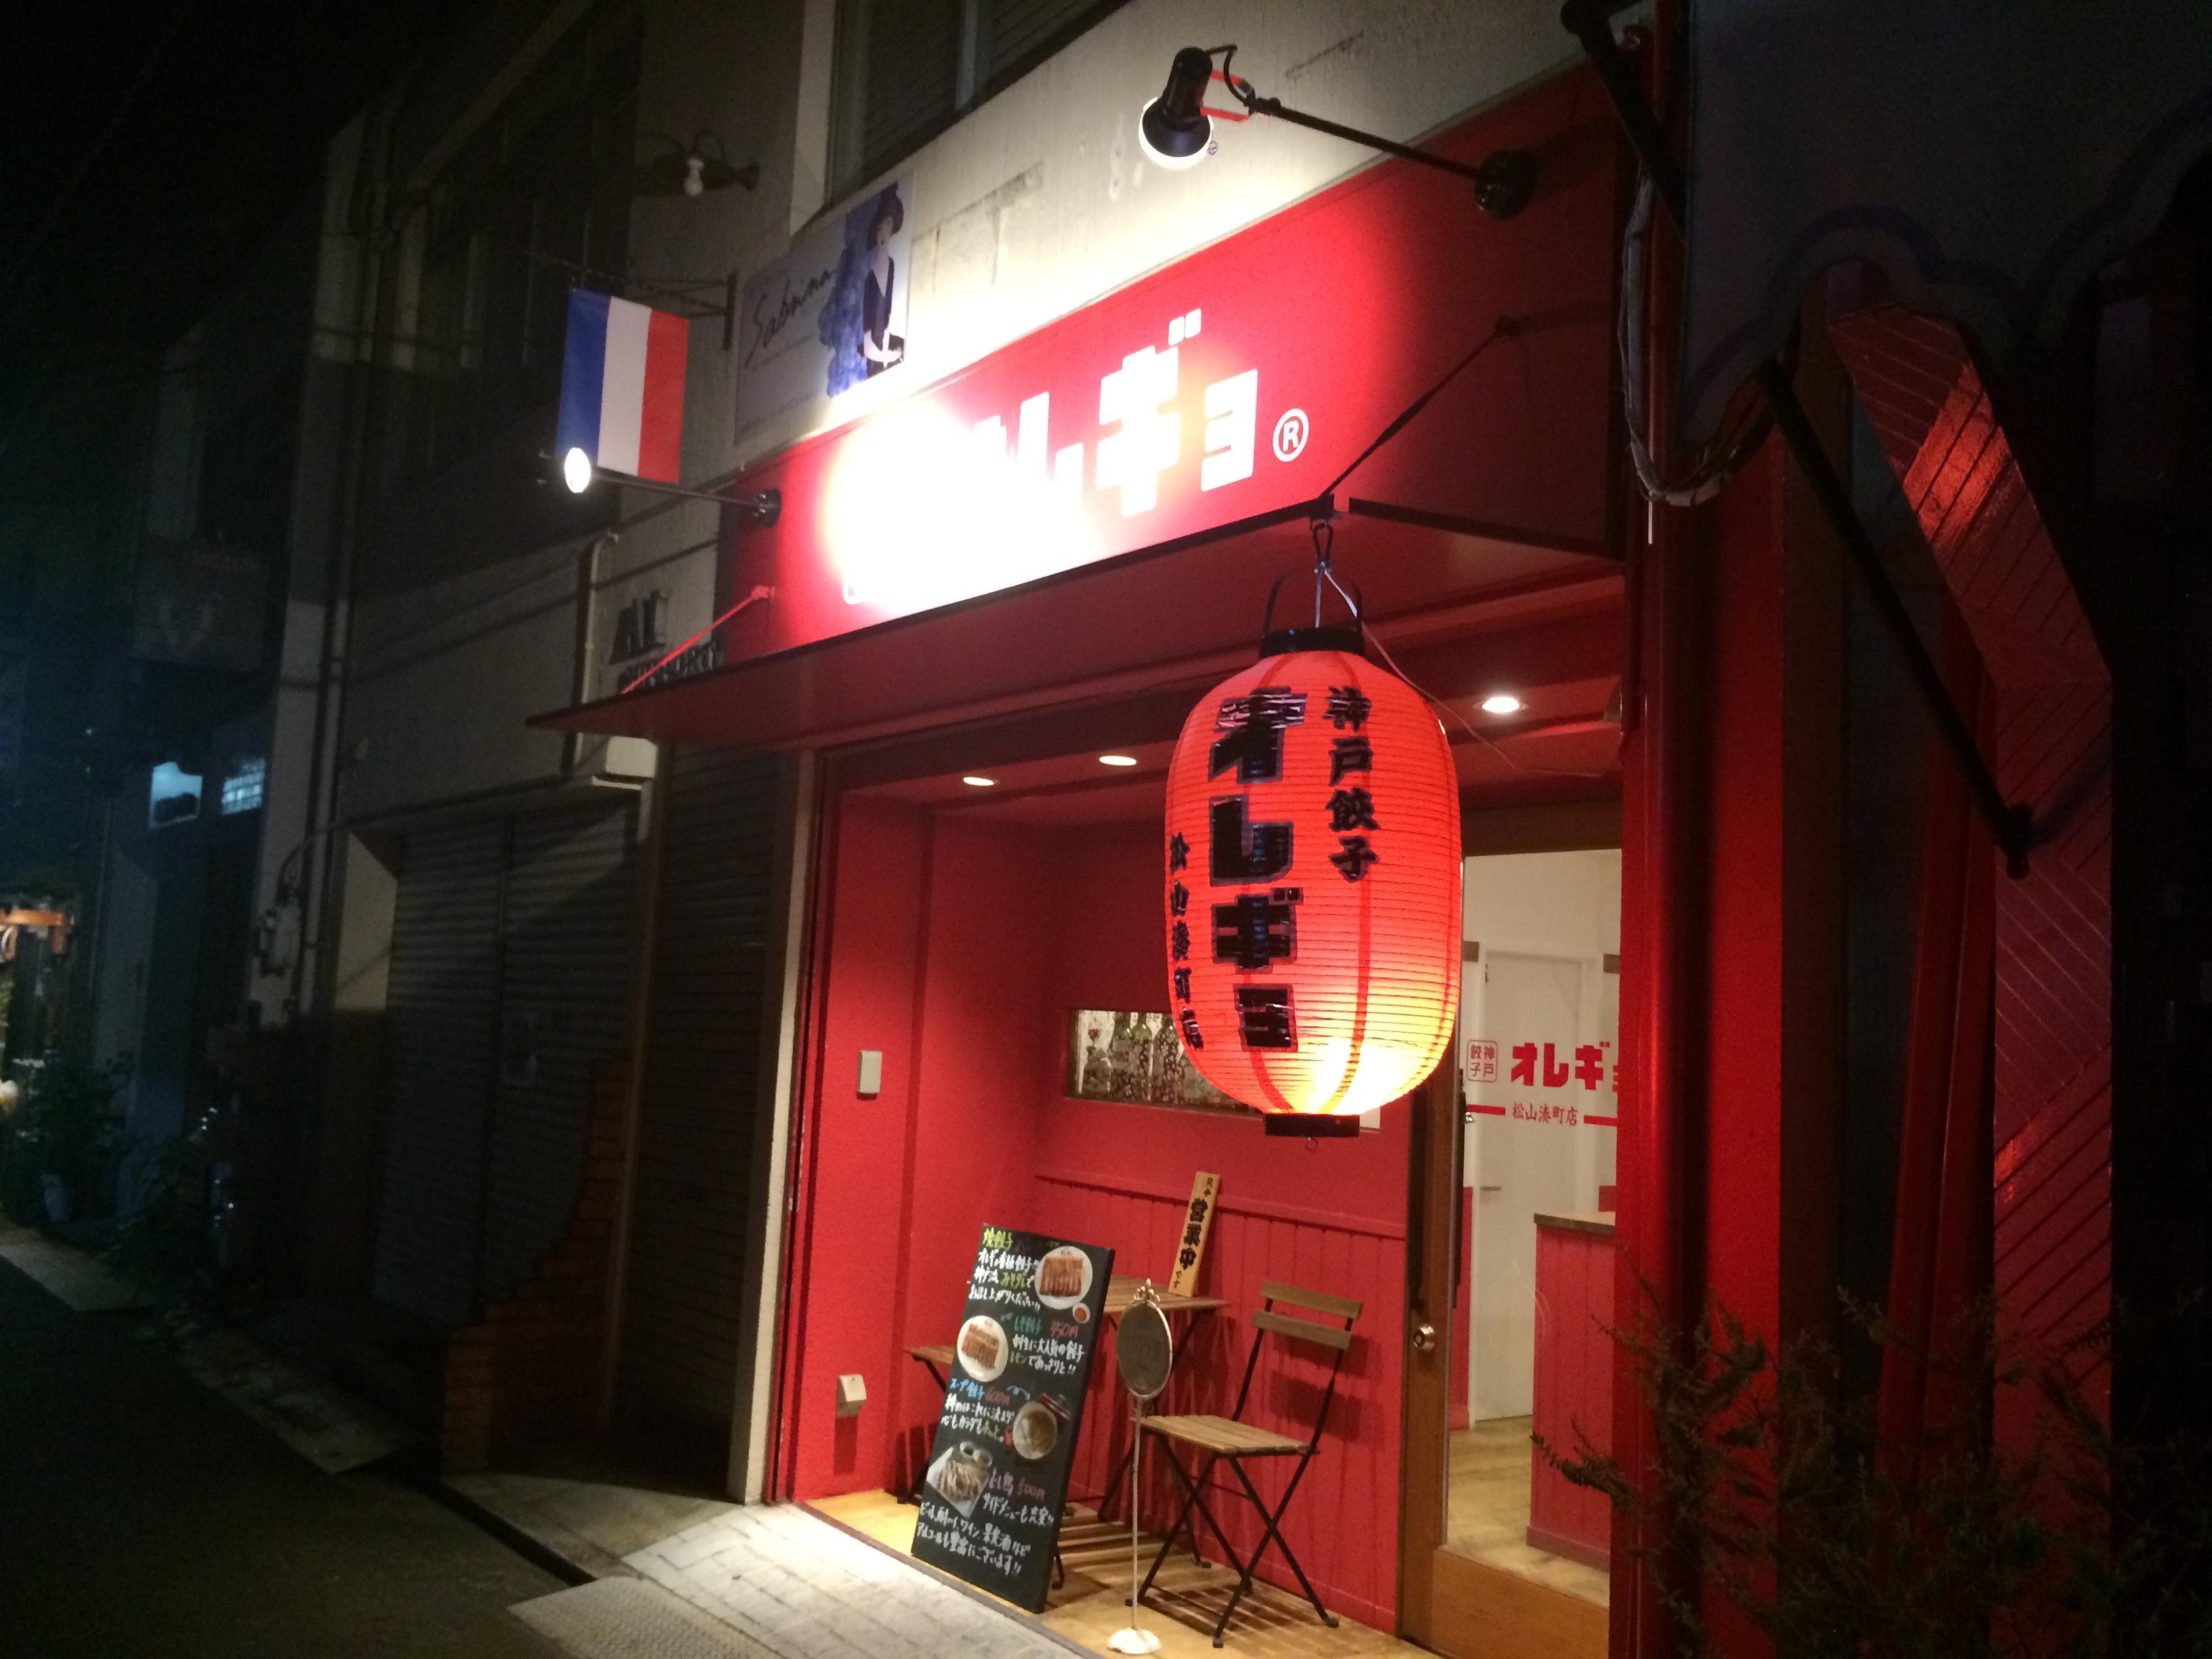 女子でも行けるよ!松山市中心部の商店街「銀天街」の裏路地にできた「オレギョ」に行ってきたよ!